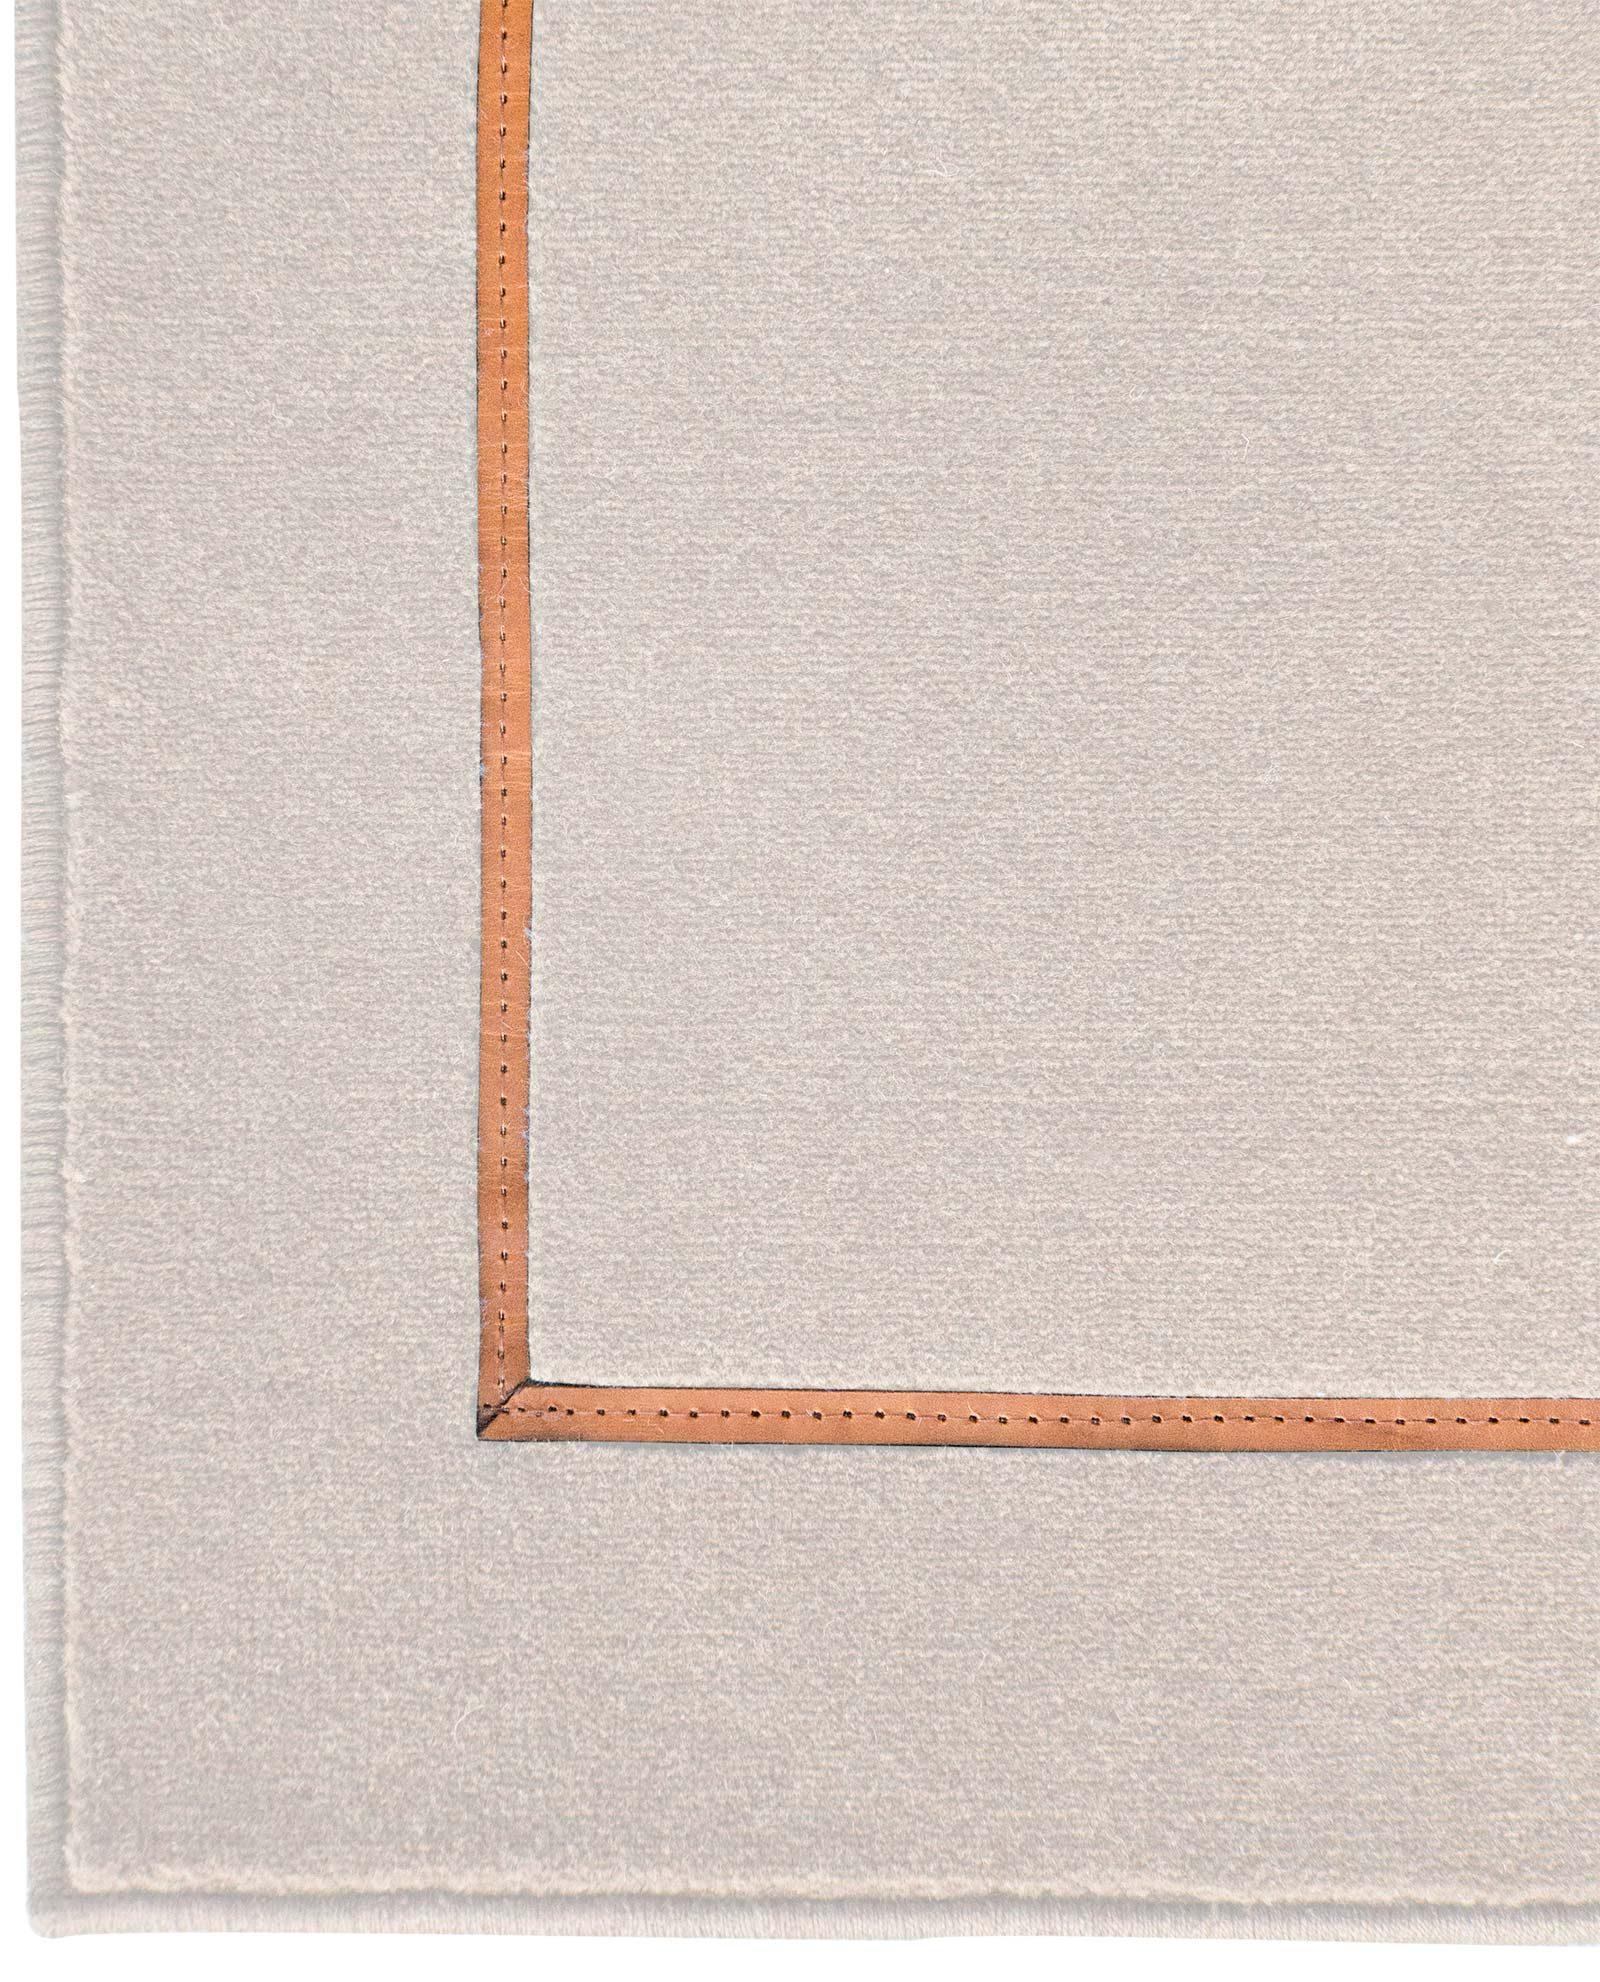 Louis De Poortere Wilton Rugs W Leather Richelieu Velours RV3 1079